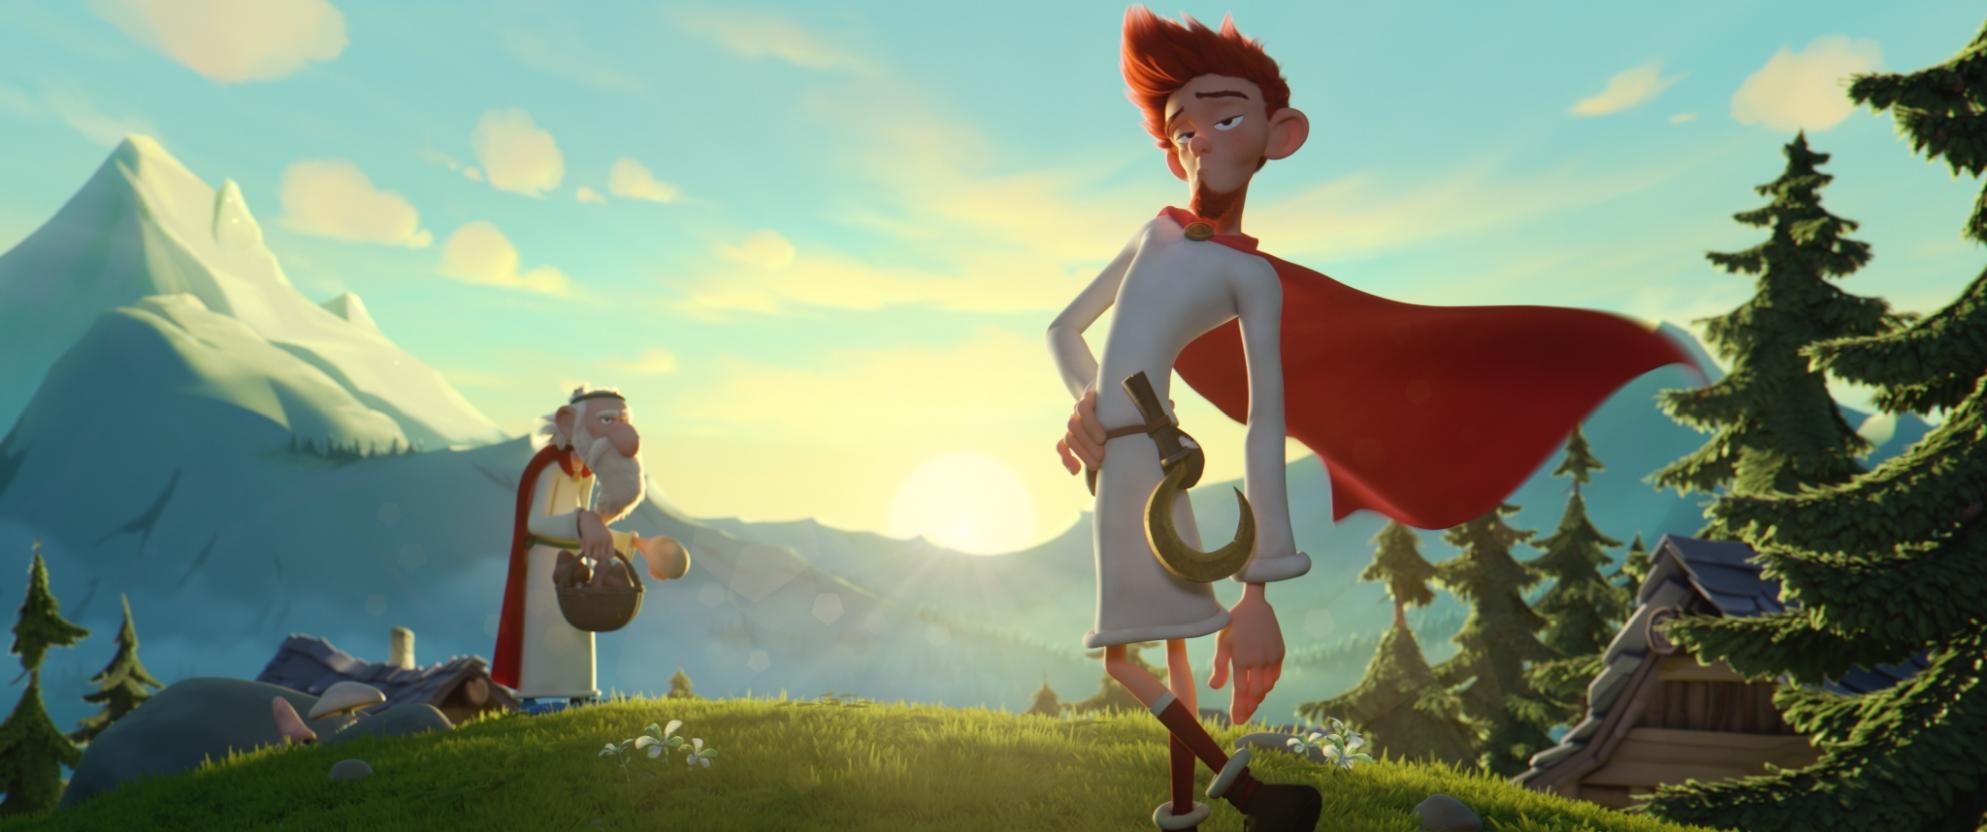 Asterix e il segreto della pozione magica: una scena del film d'animzione